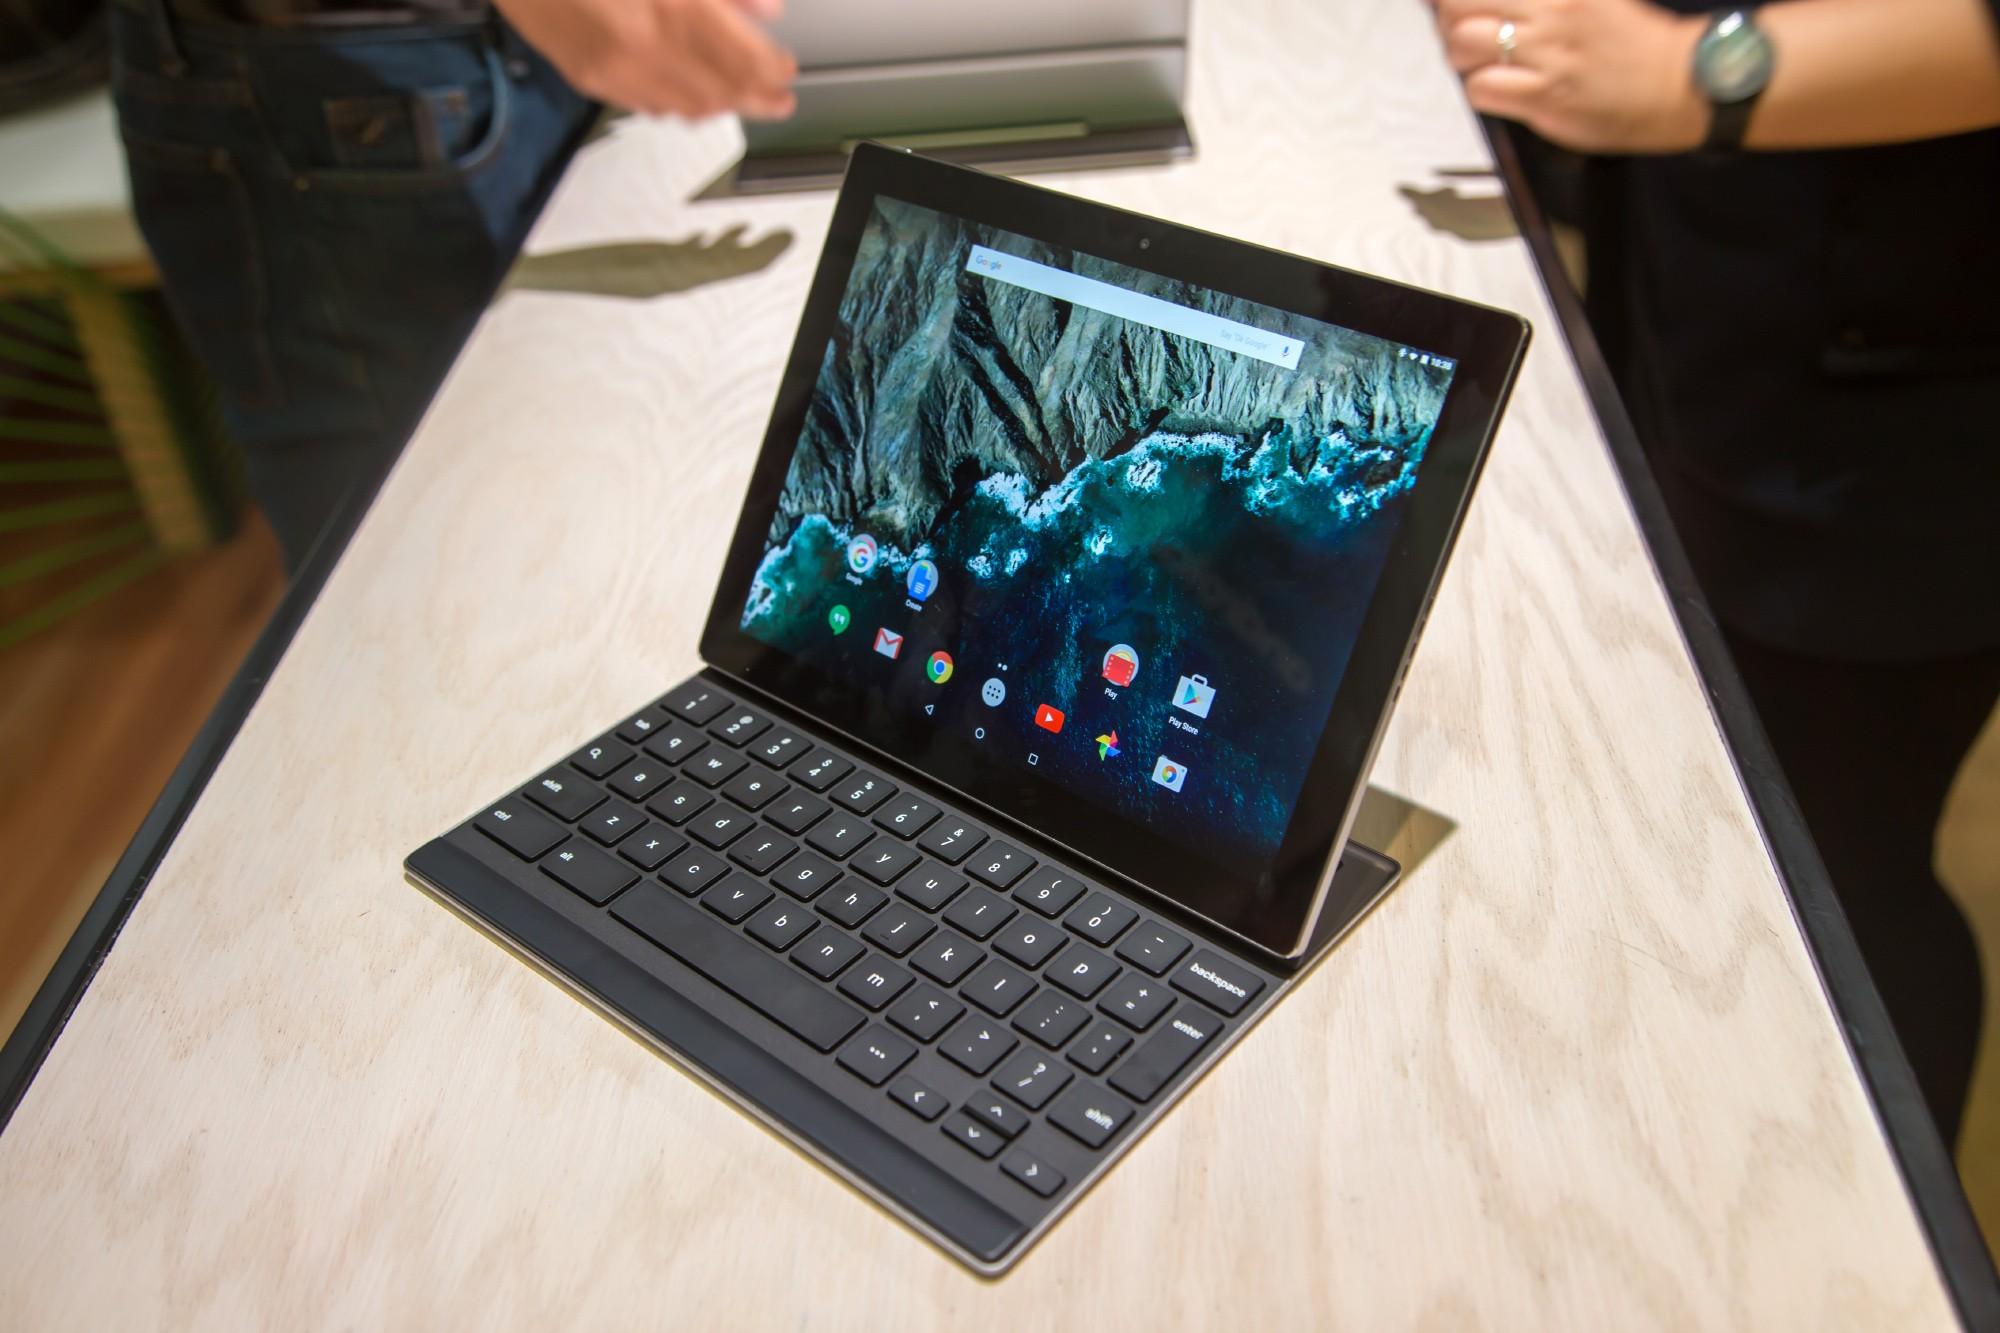 Google Pixel C - Người dùng đã có thể mua Google Pixel C với giá 499 USD